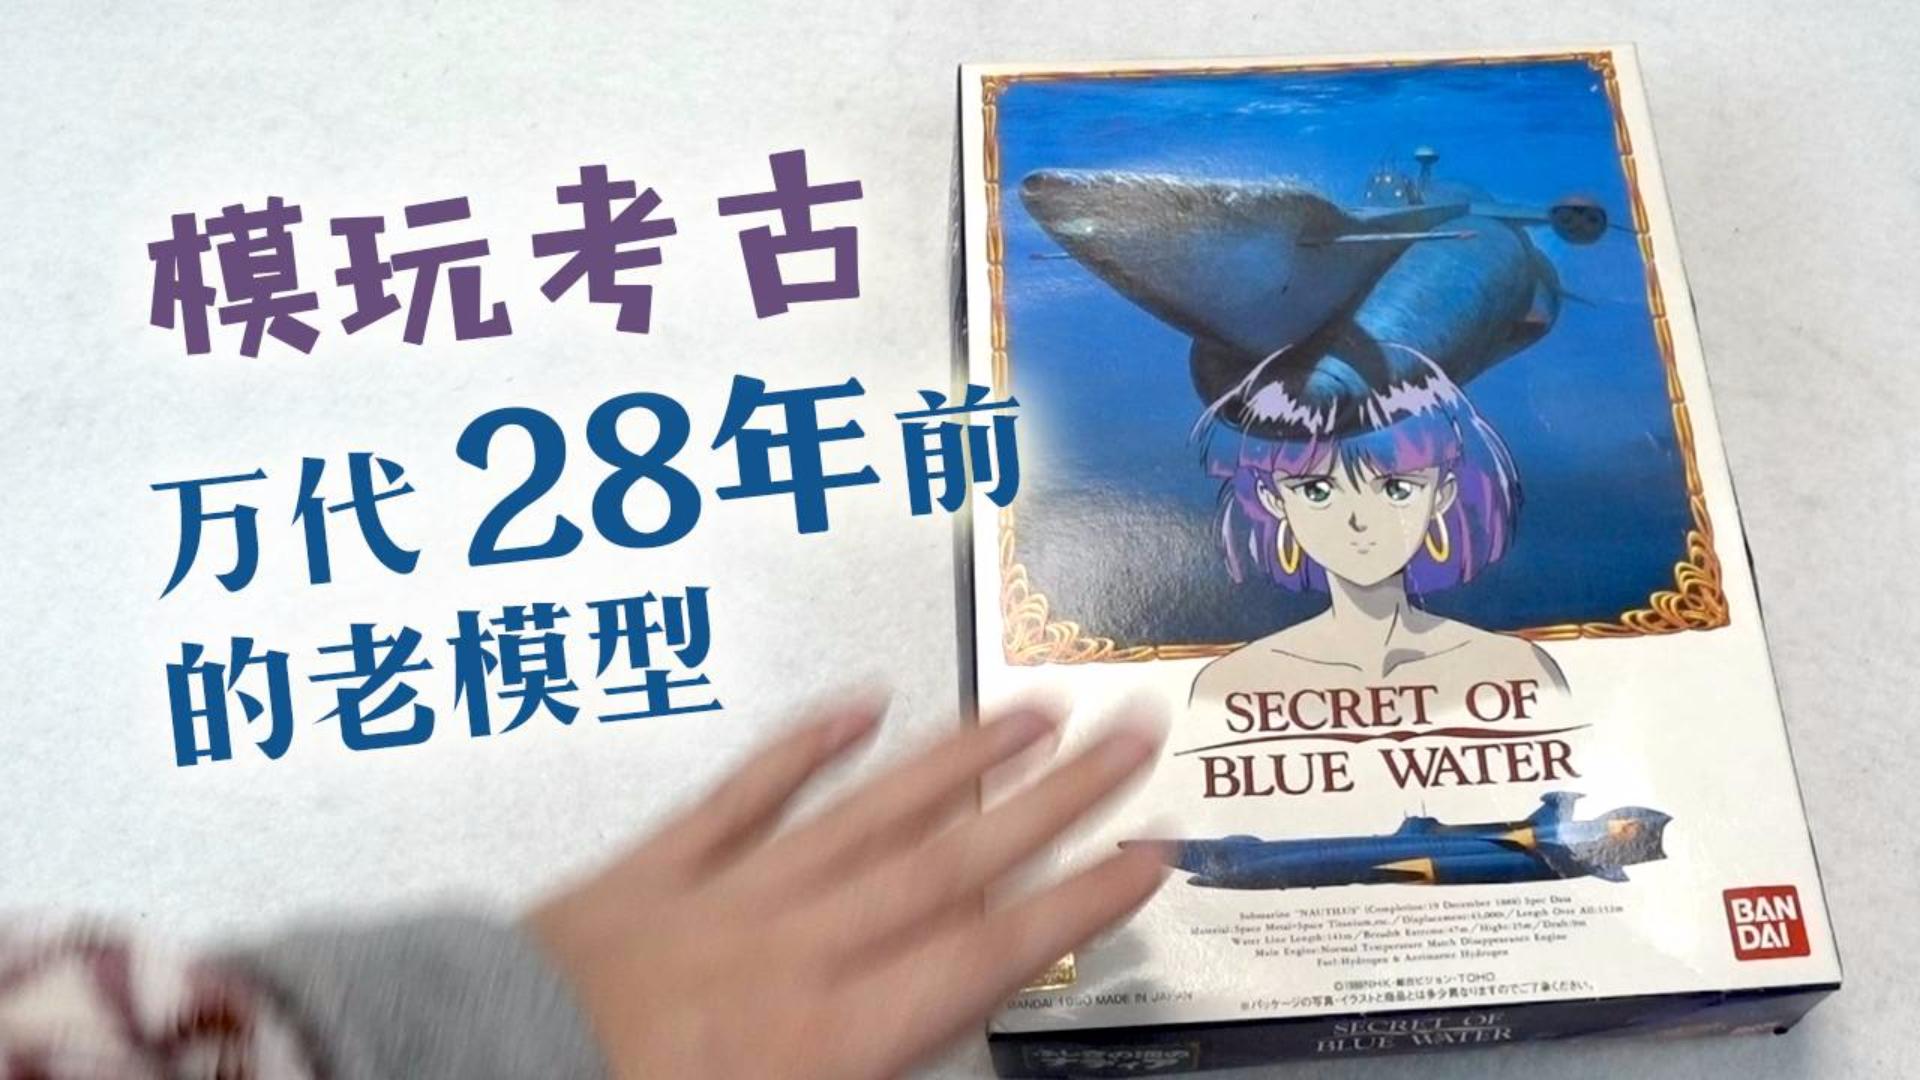 万代28年前的老模型!万代 蓝宝石之谜 万能潜艇鹦鹉螺号 开盒!【章鱼的玩具】